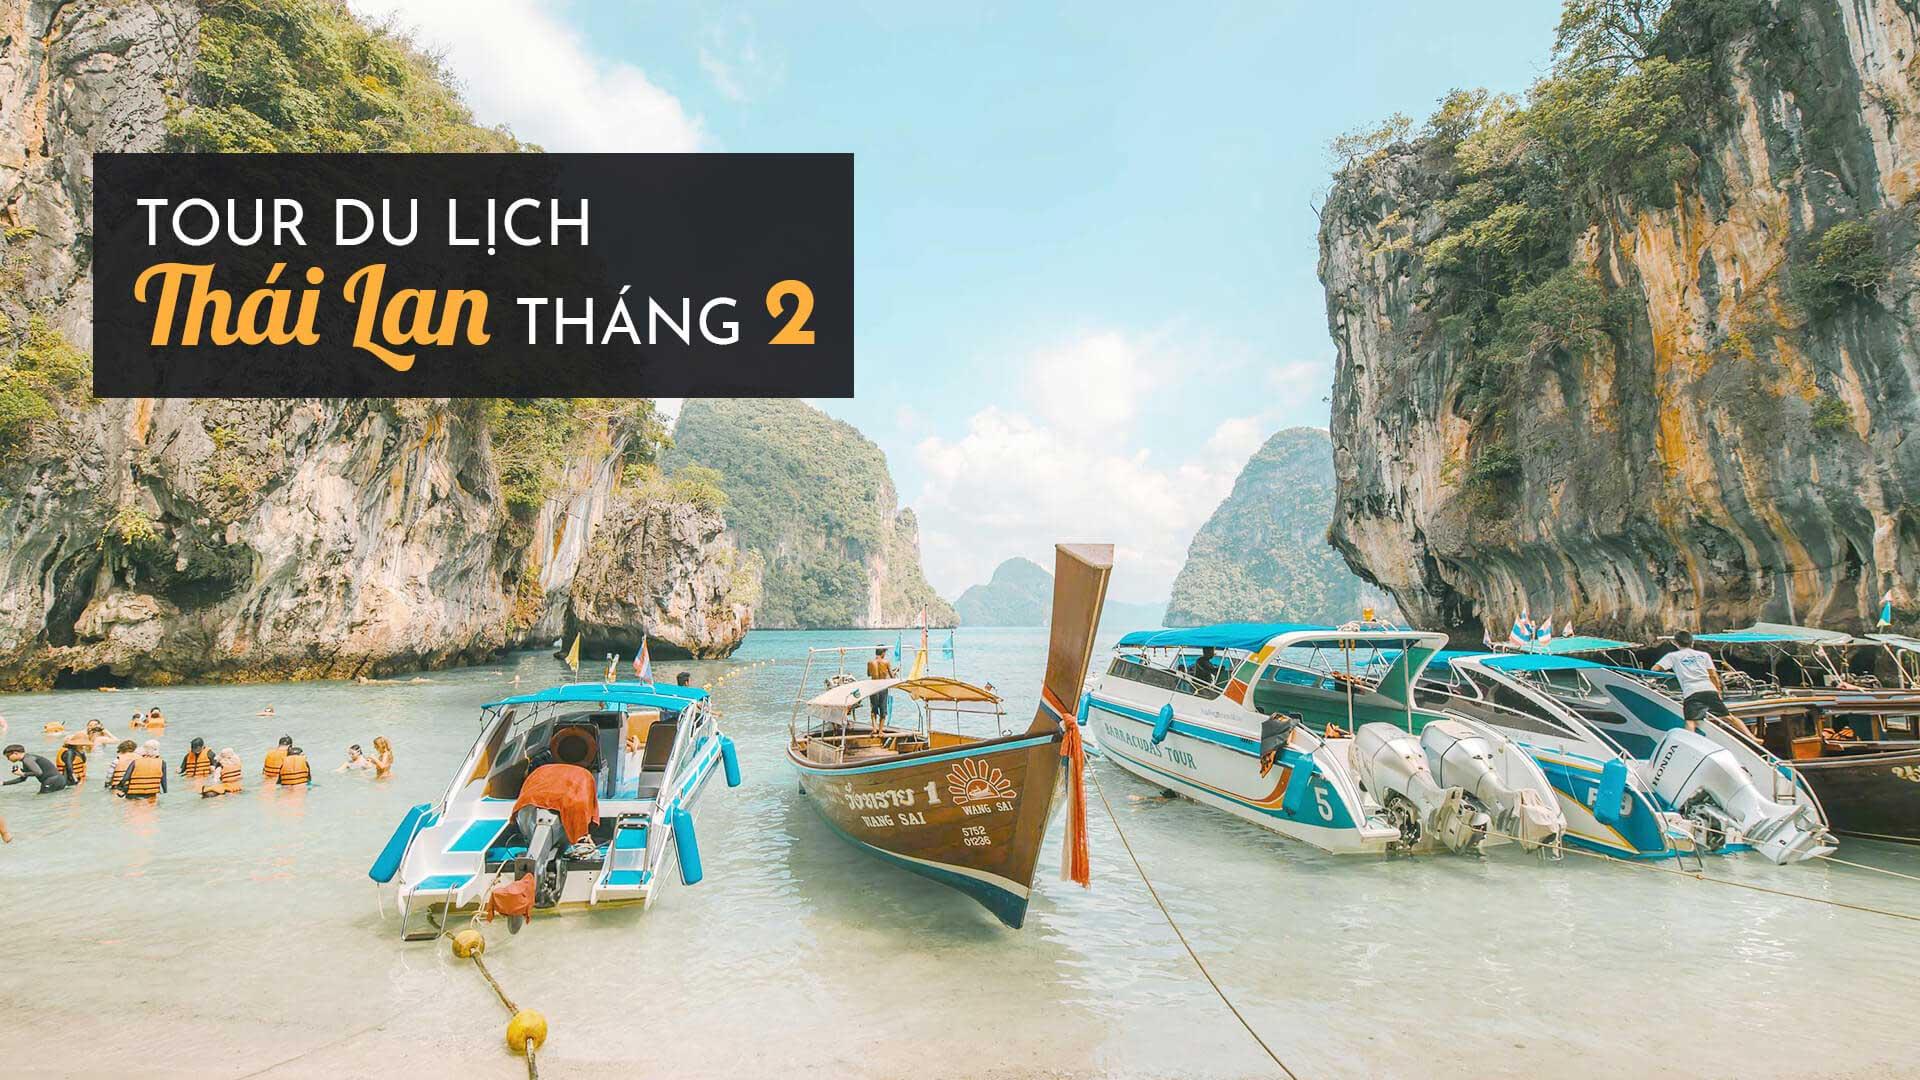 Tour du lịch Thái Lan tháng 2: Đi đâu? Ăn gì? Lễ hội nào hấp dẫn?